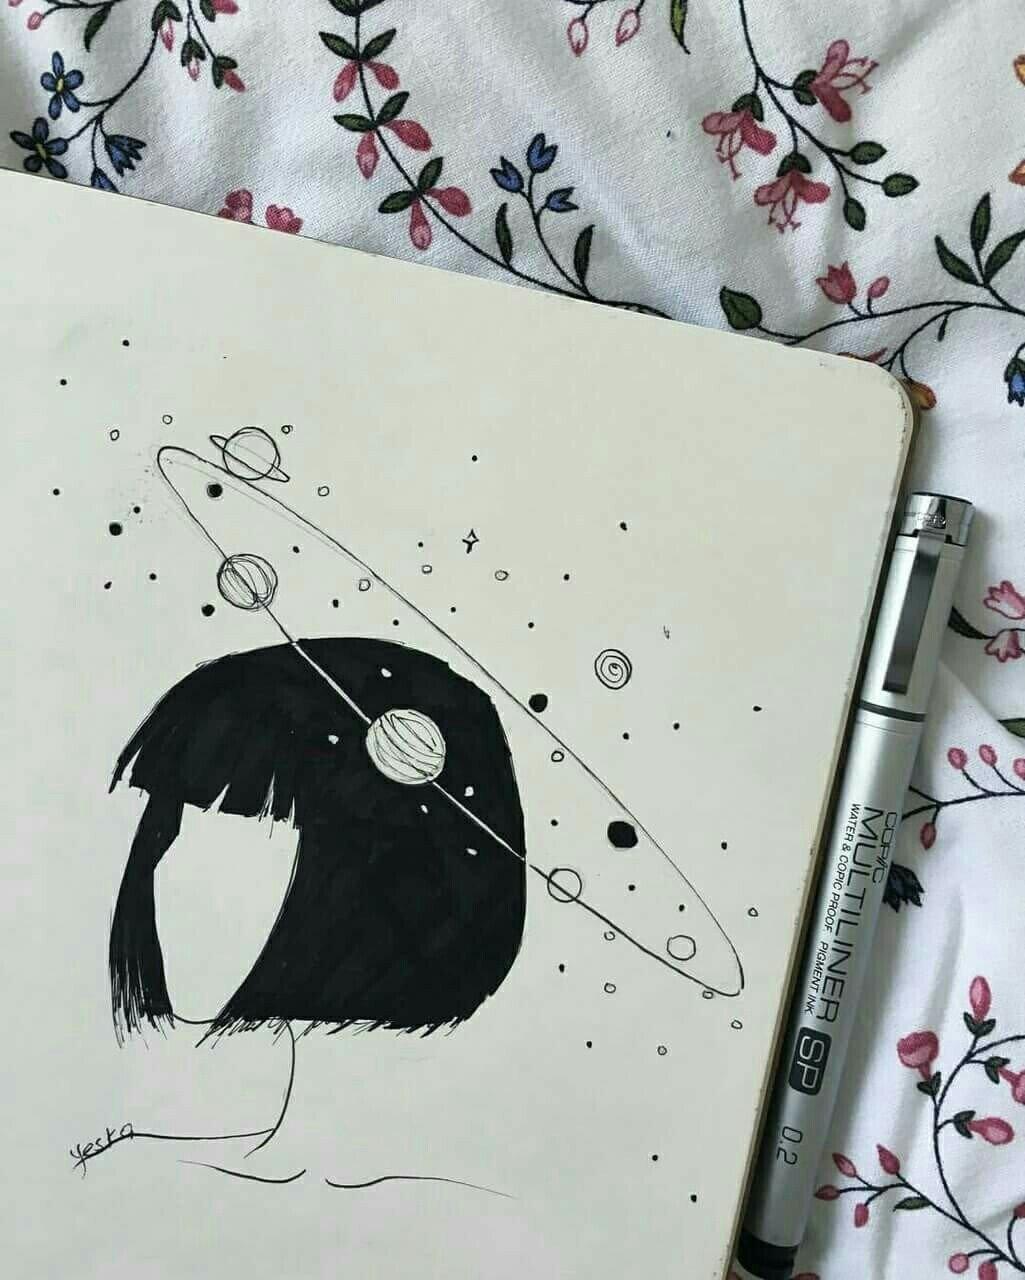 Днем, картинки черной гелевой ручкой веселые и милые